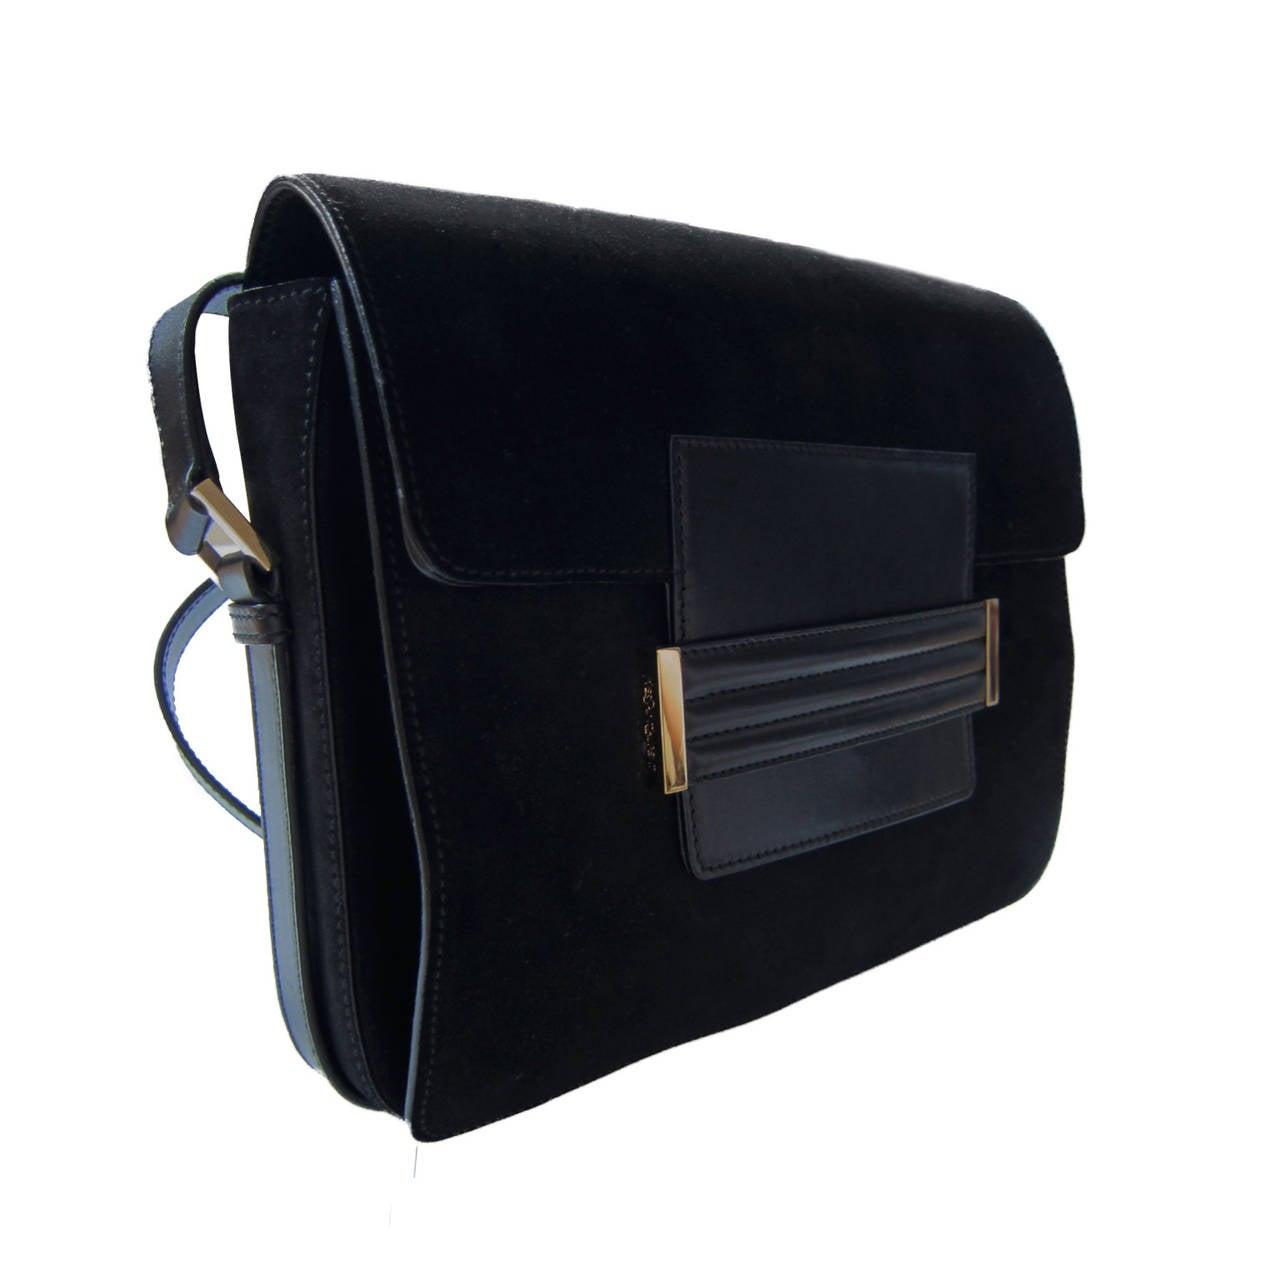 Yves Saint Laurent Tom Ford Black Suede Bag at 1stdibs